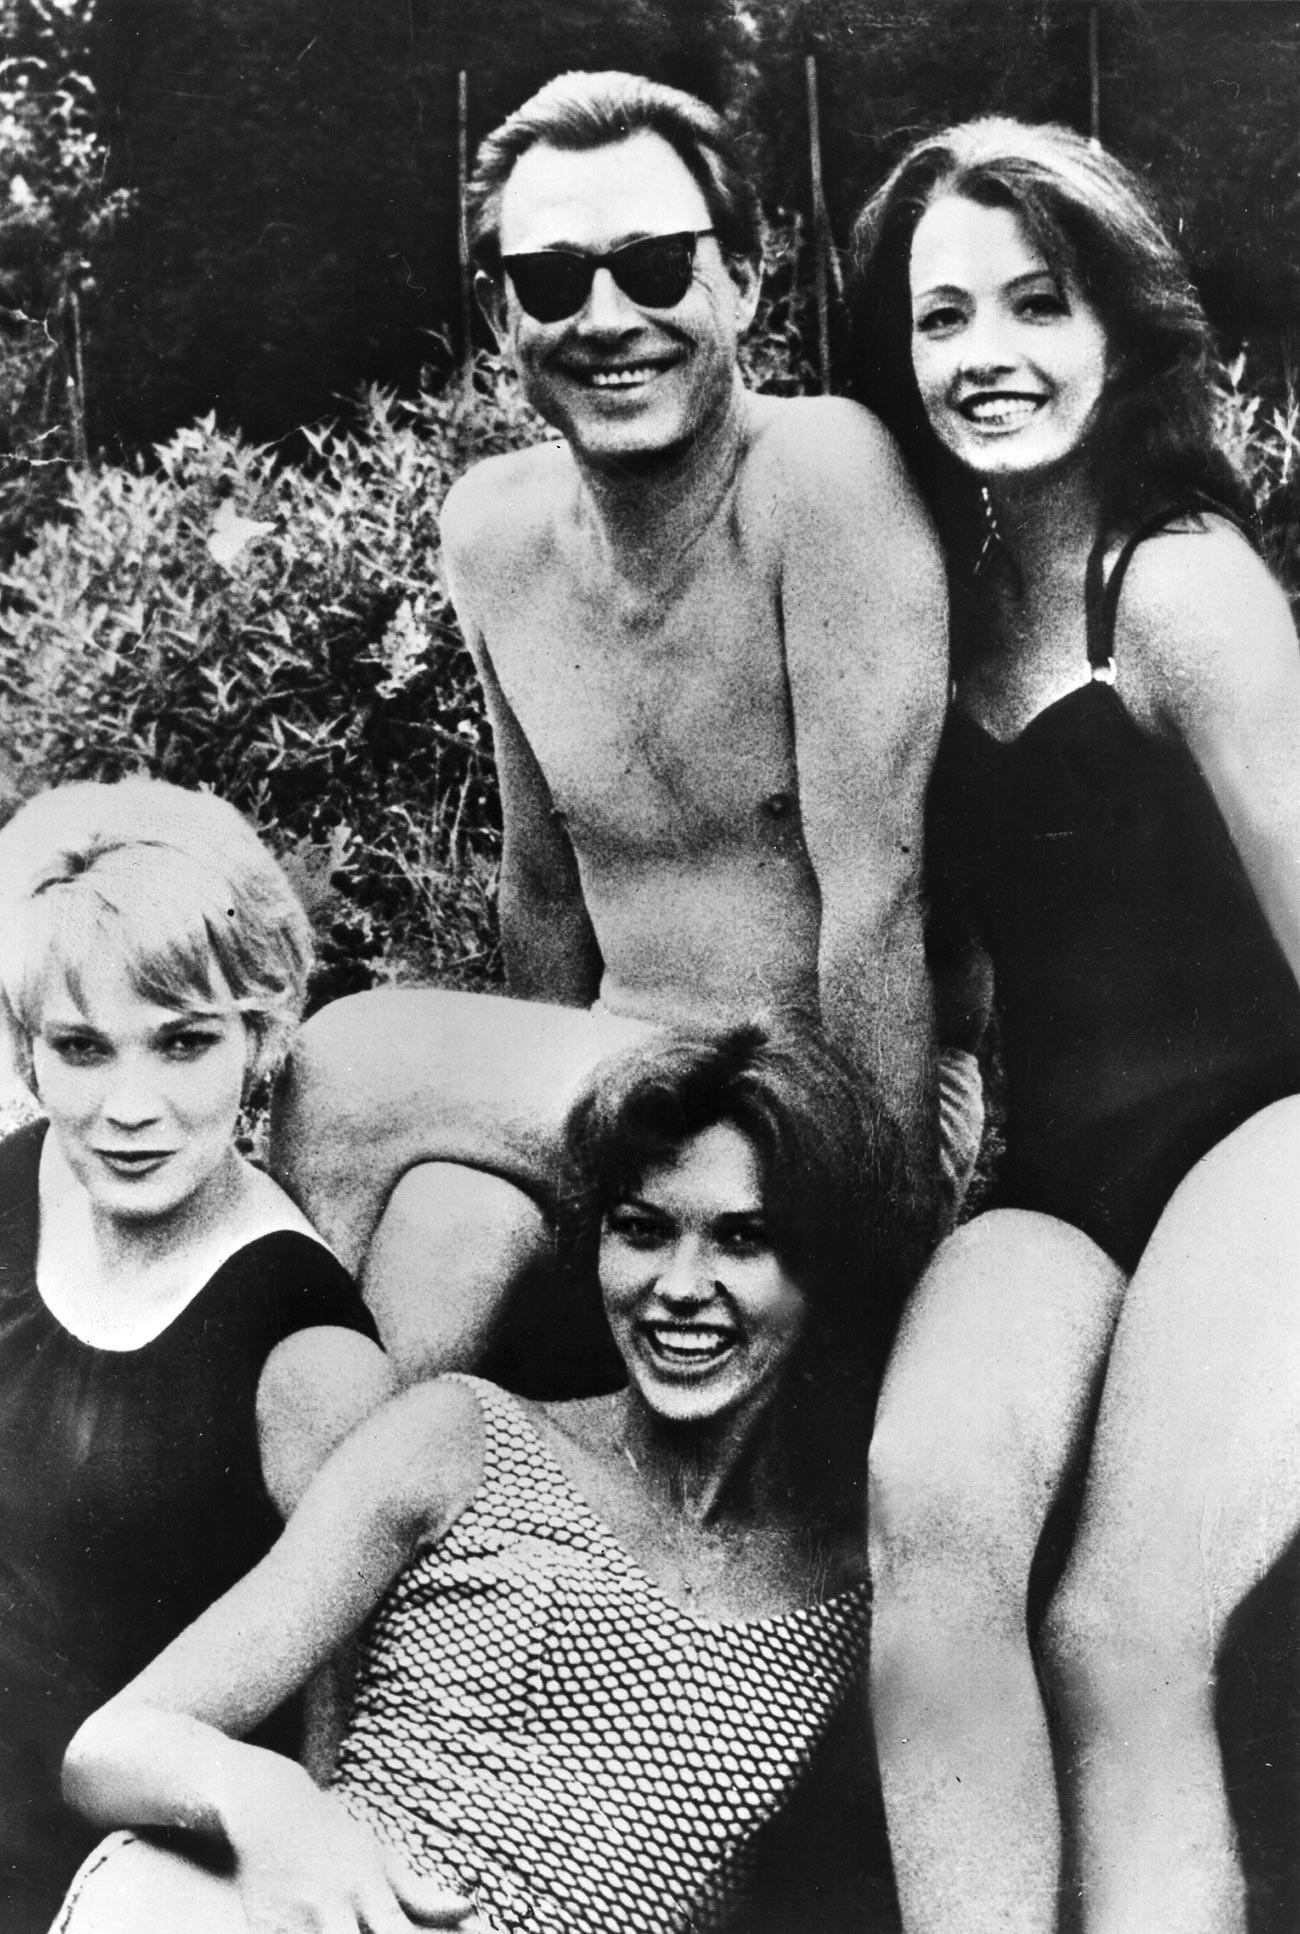 Stephen Ward posiert mit Models. Christine Keeler ist zu seiner Rechten.